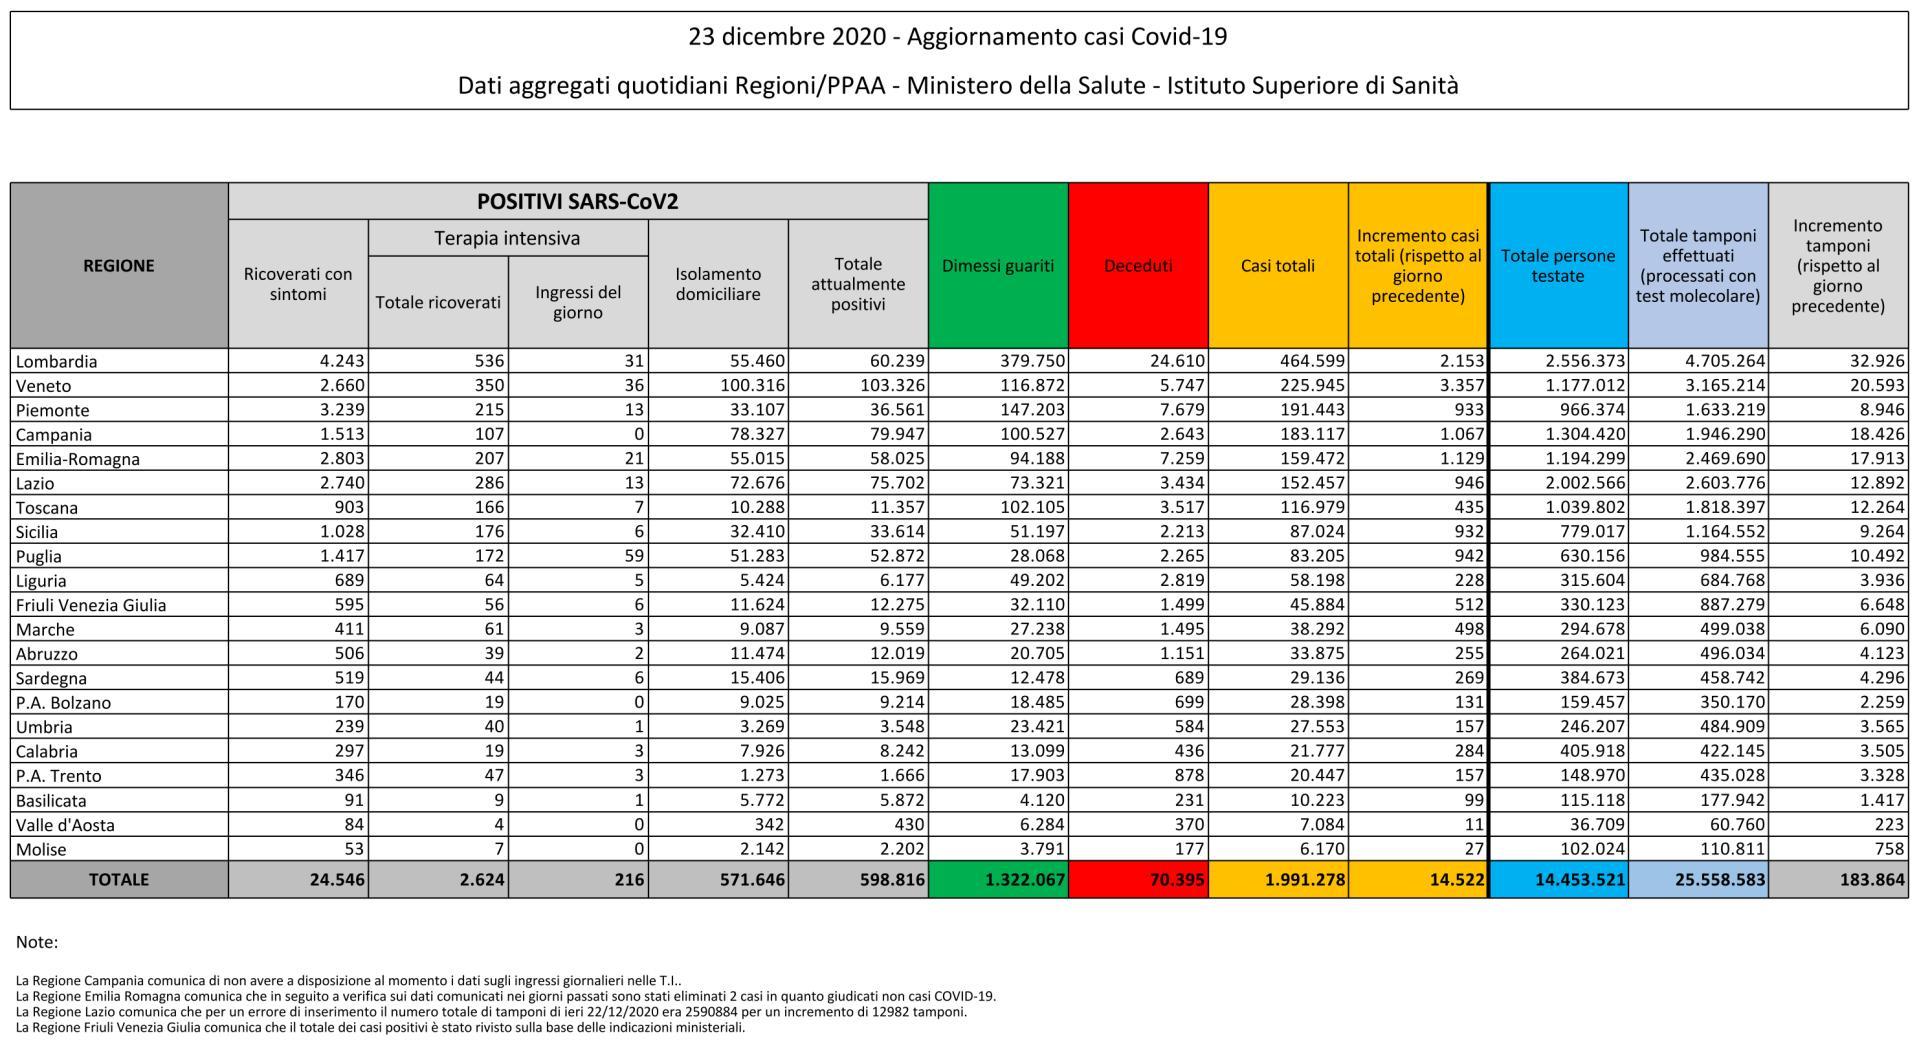 23 dicembre 2020 - Aggiornamento casi Covid-19 Dati aggregati quotidiani Regioni/PPAA - Ministero della Salute - Istituto Superiore di Sanità